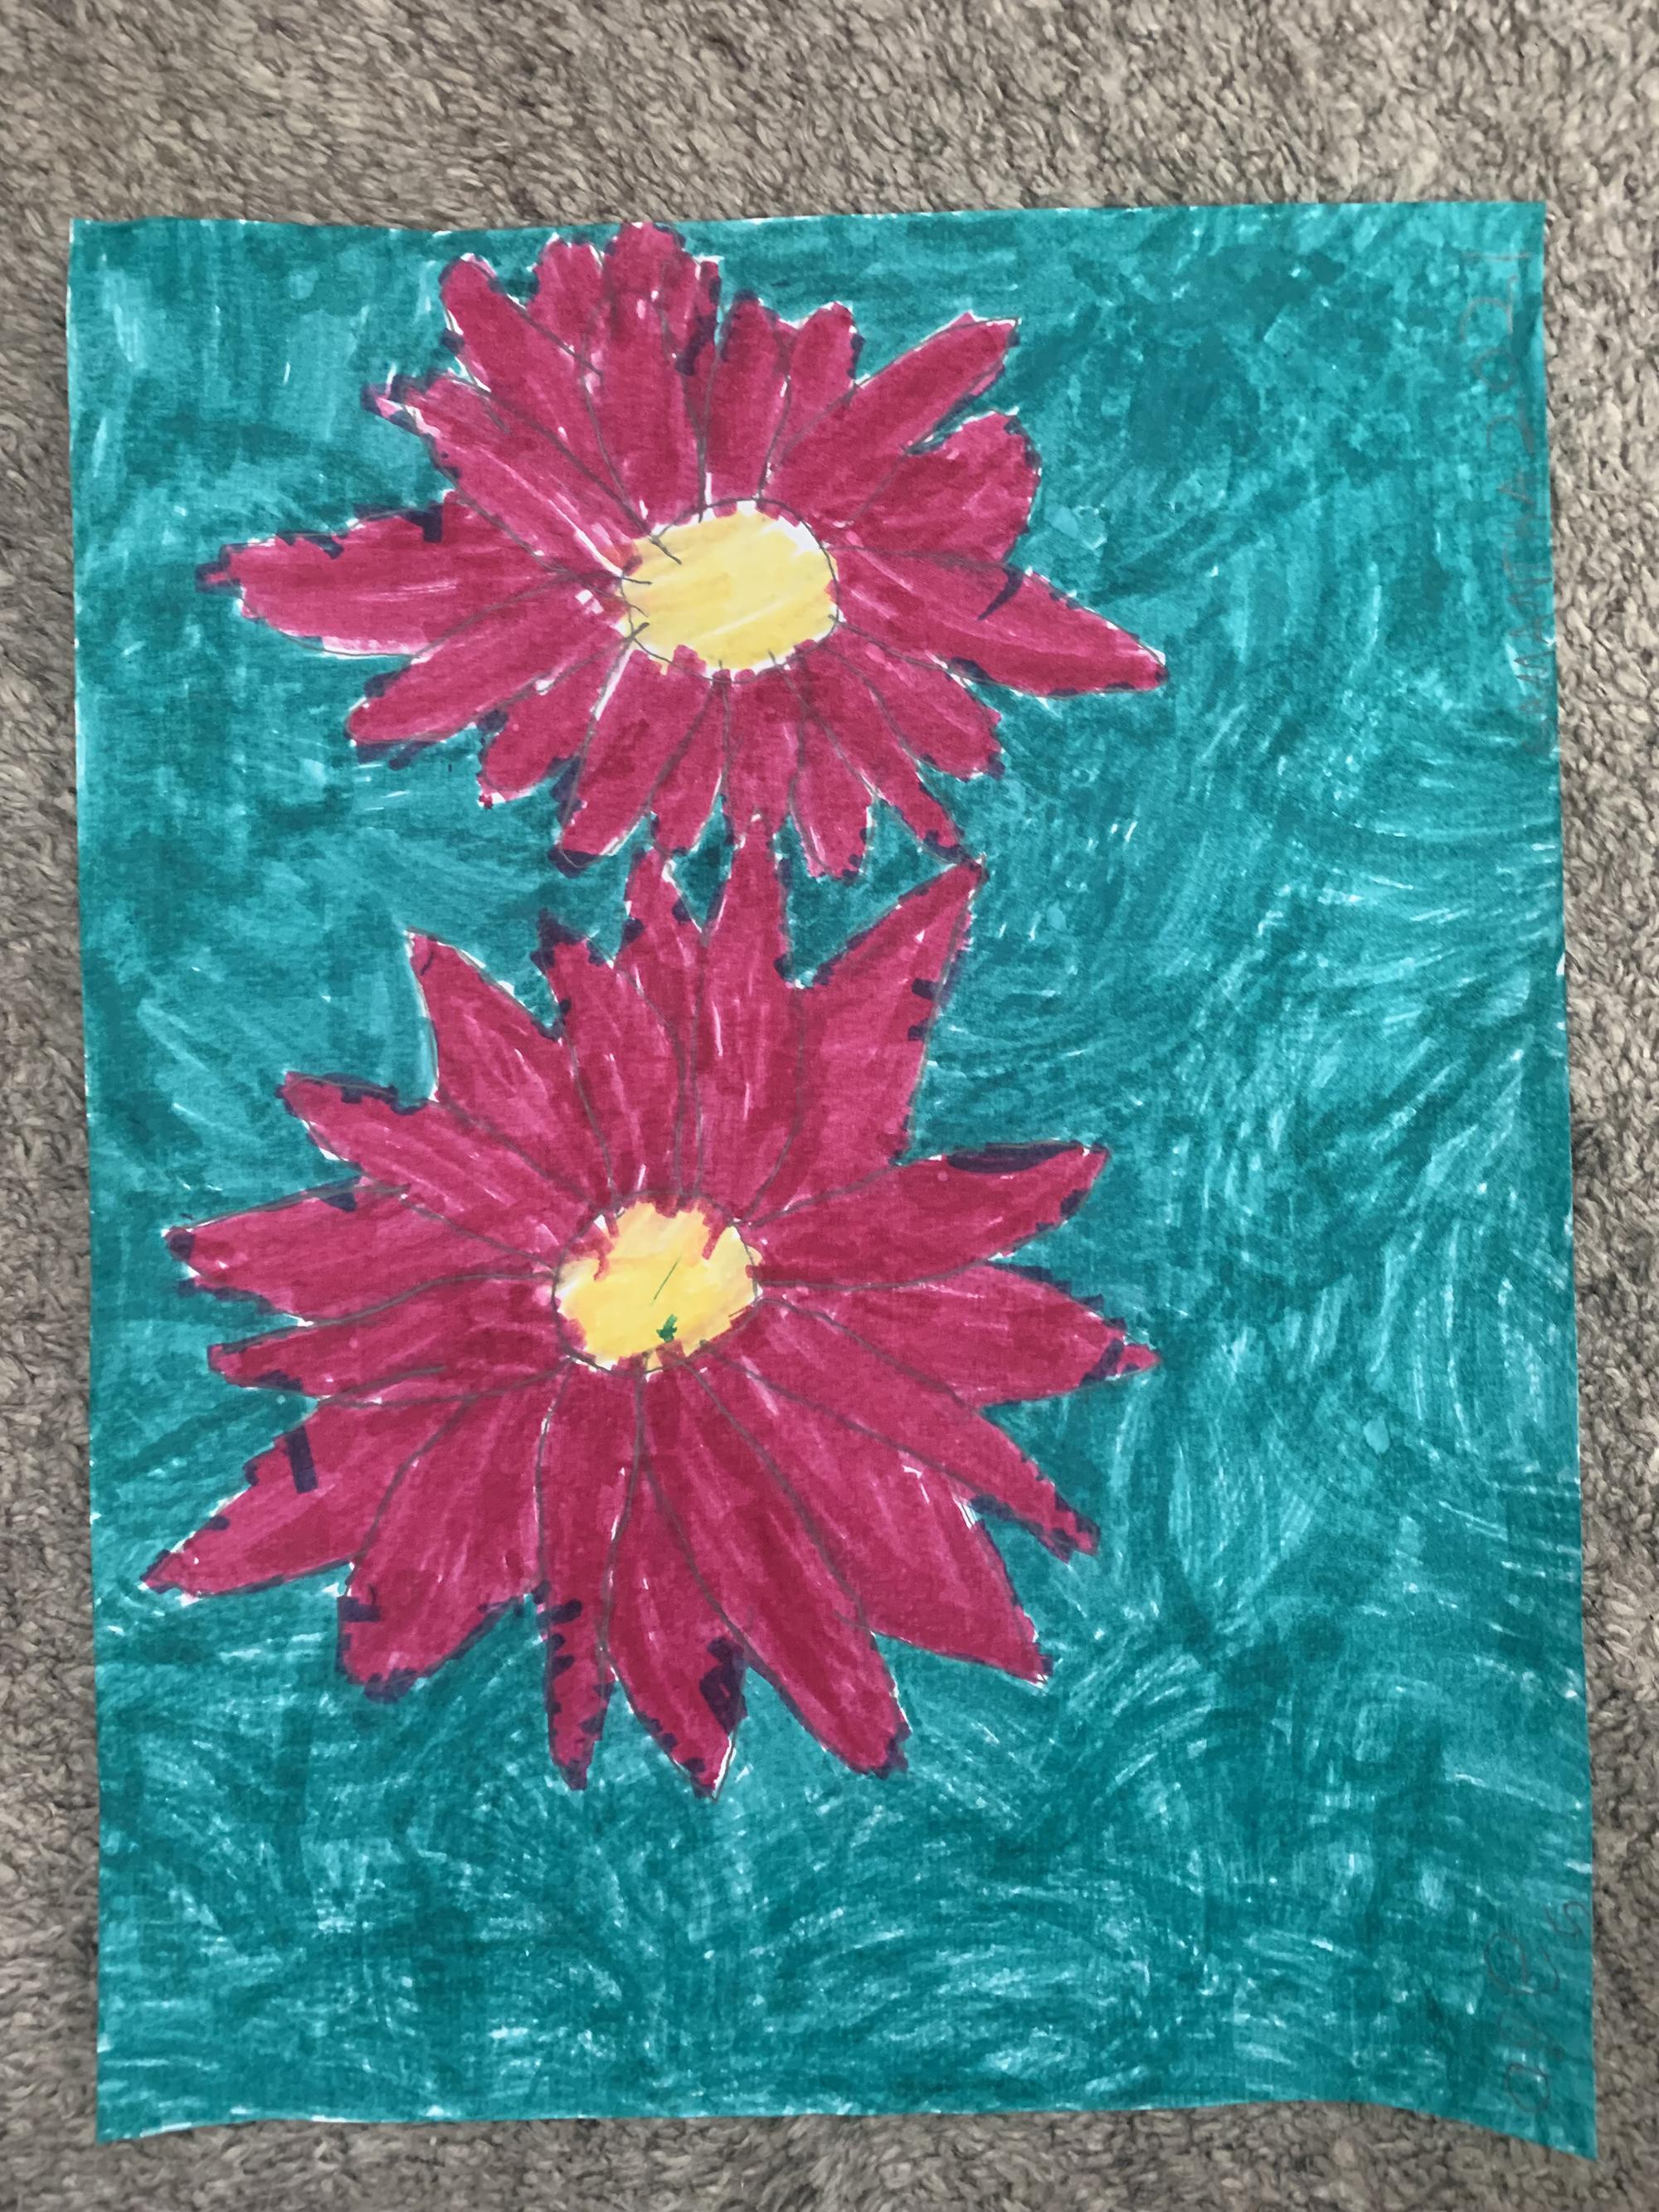 2nd. Samantha Boralli, pink flowers